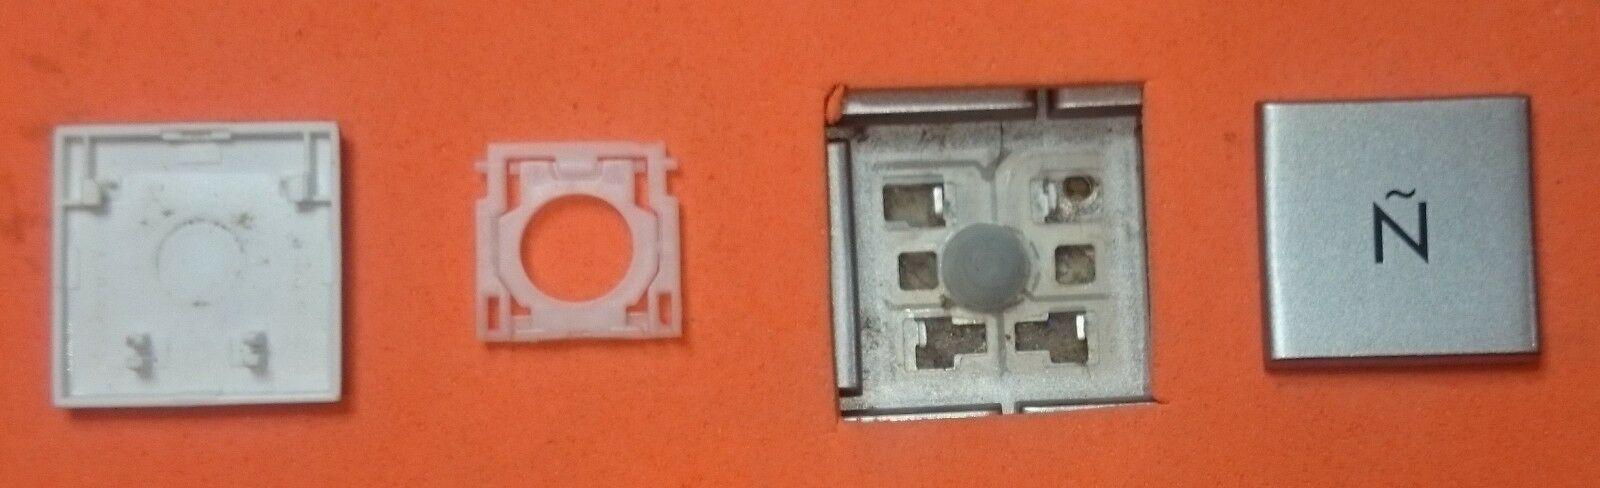 TECLA TECLAS DE TECLADO HP COMPAQ MINI 311 PAVILION DM1 PLATEADA